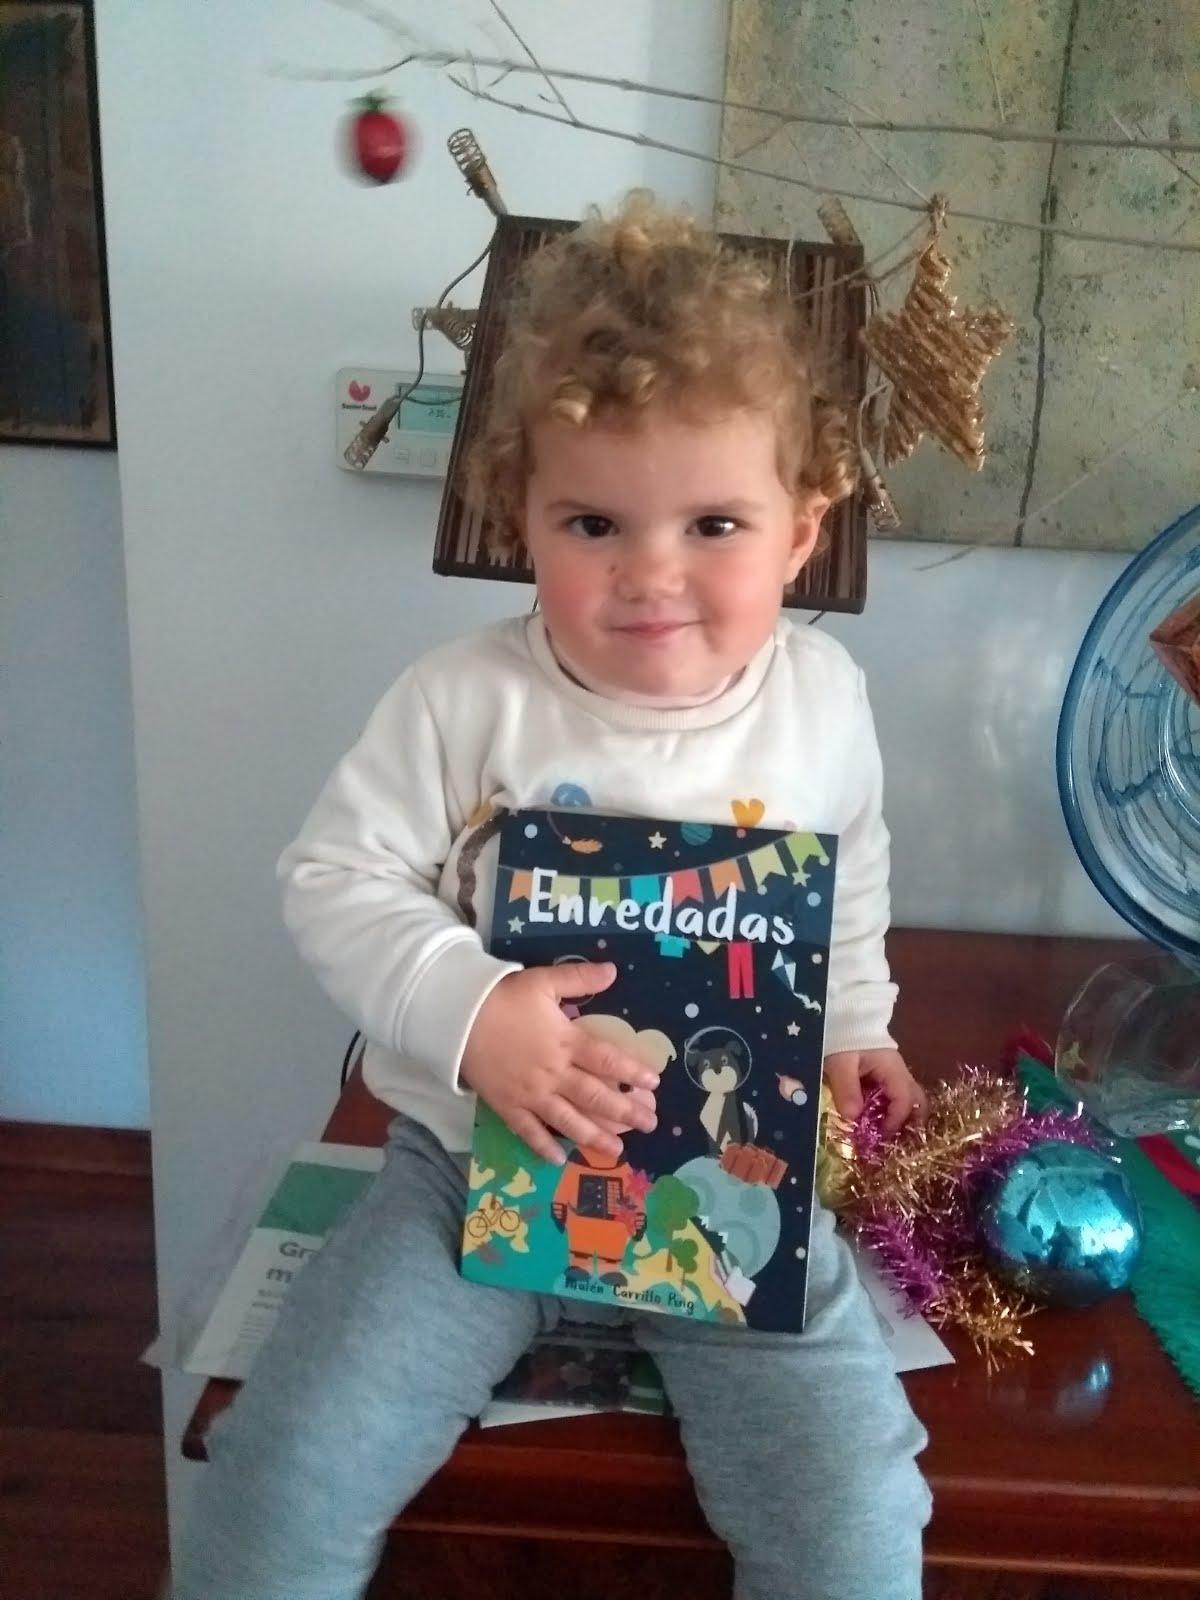 Enredadas. Para Vega, mi nieta.